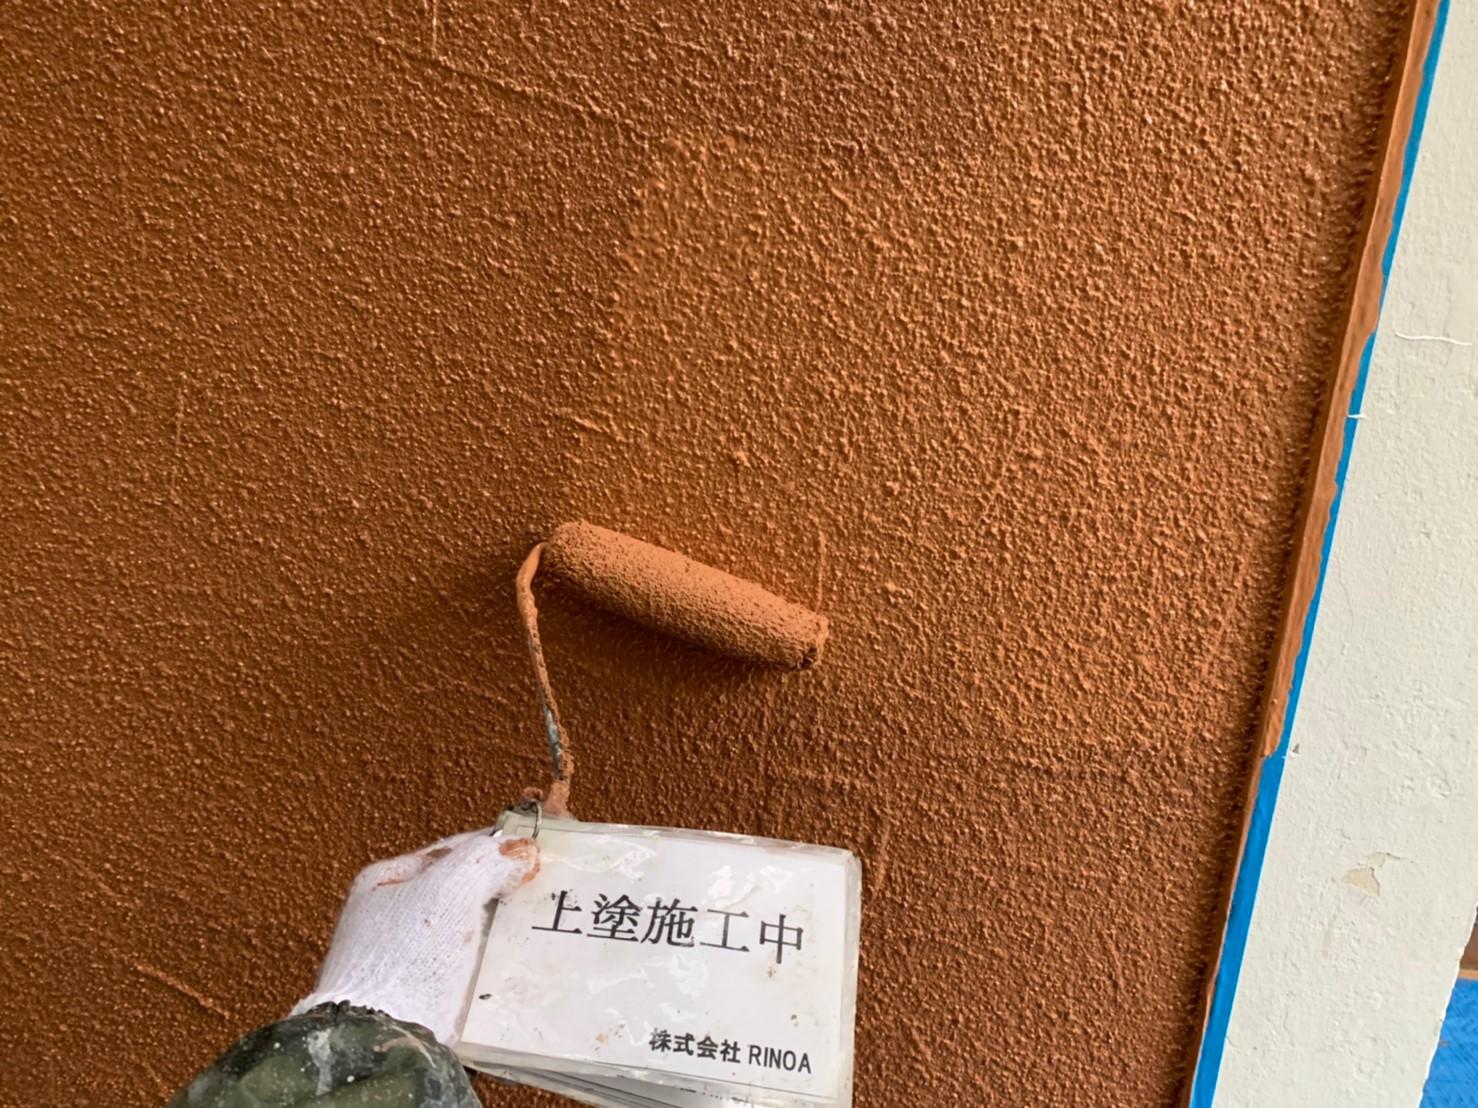 神奈川県秦野市外壁塗装 上塗りの画像